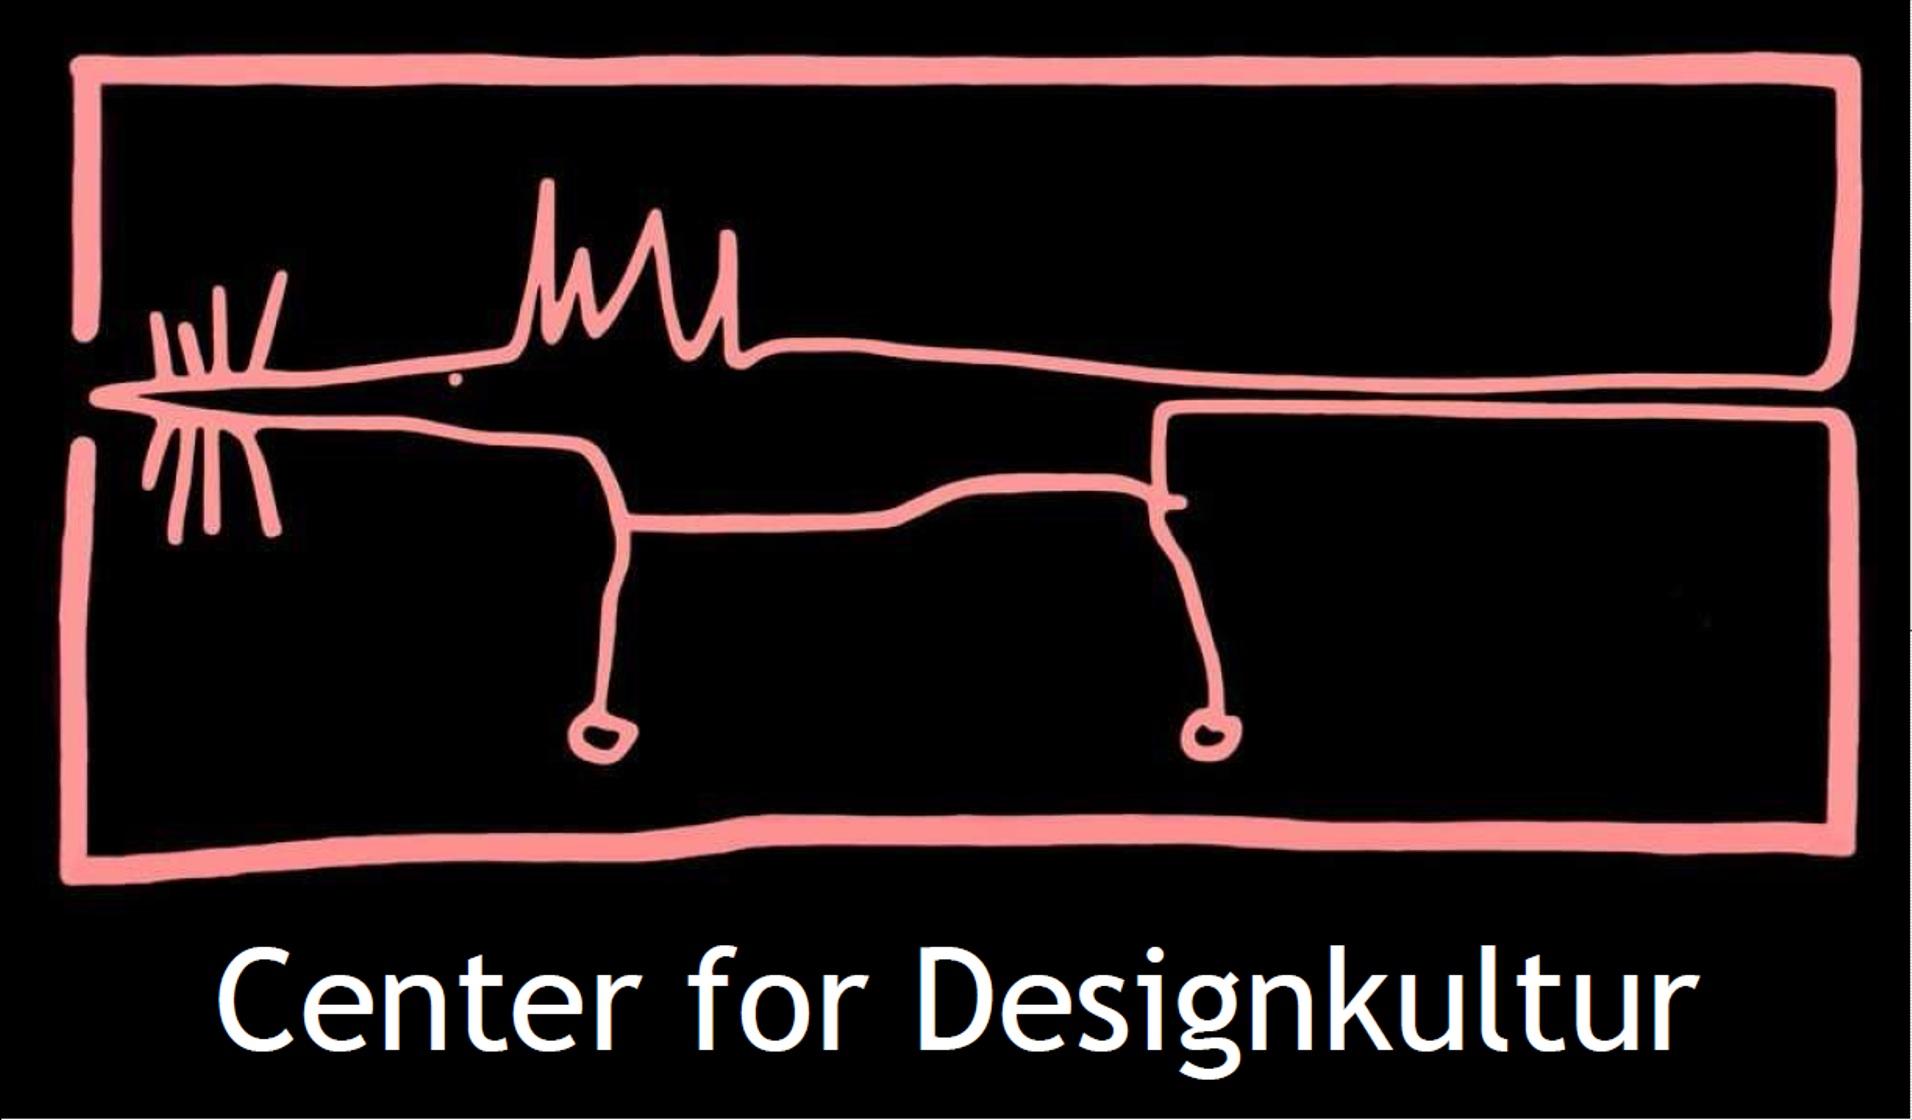 Center for designkultur